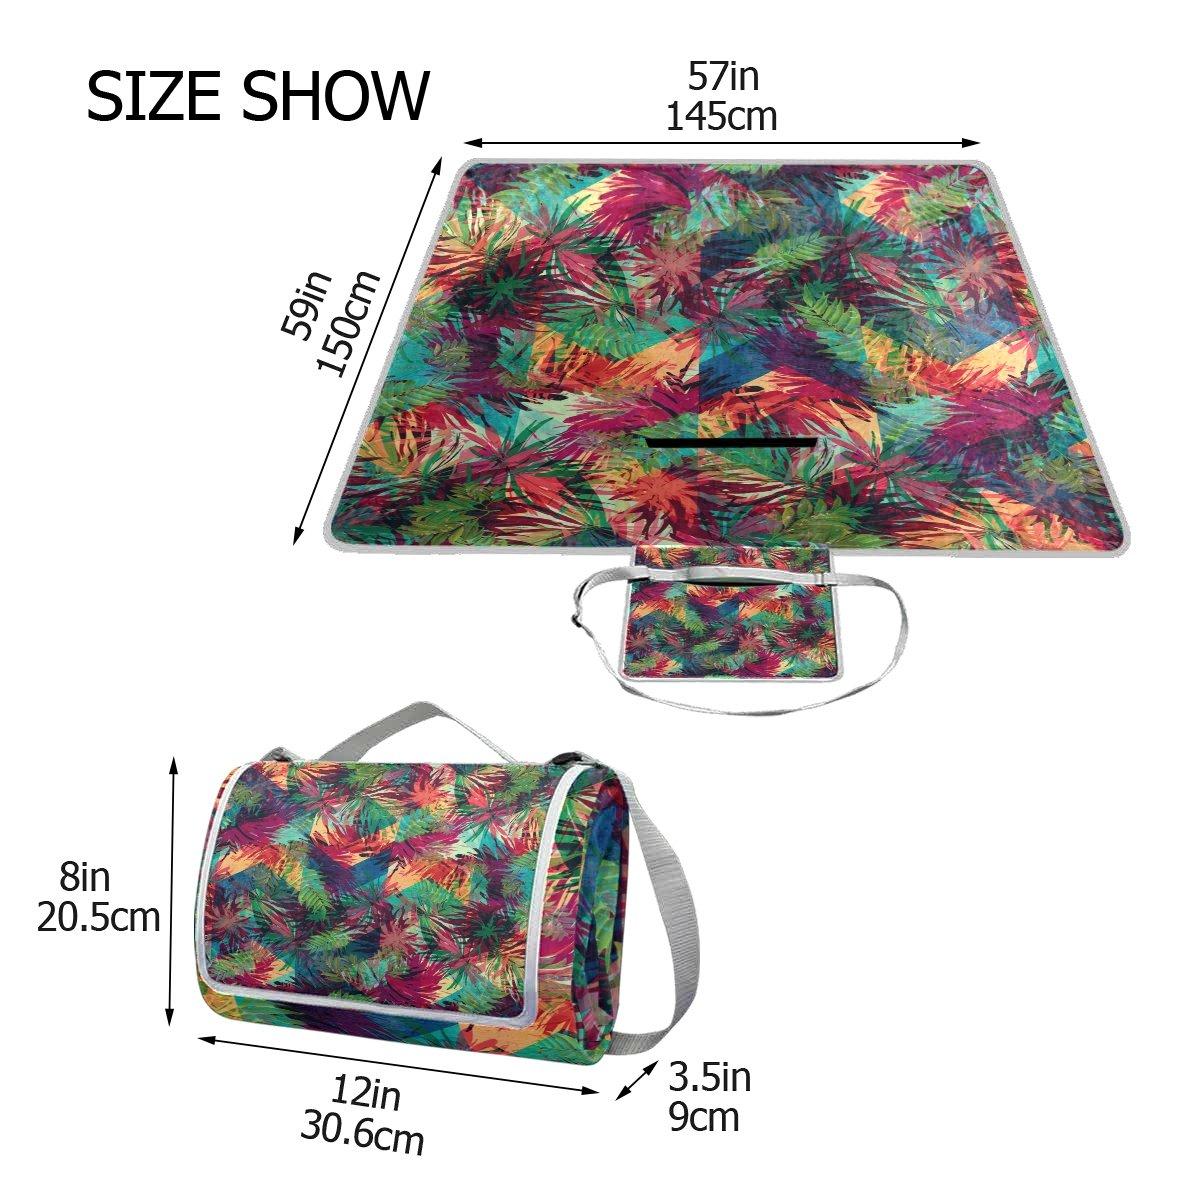 c1a844ecc ... tamaño Bennigiry Manta de picnic picnic picnic para exteriores con  palmas tropicales y pavo real, tamaño